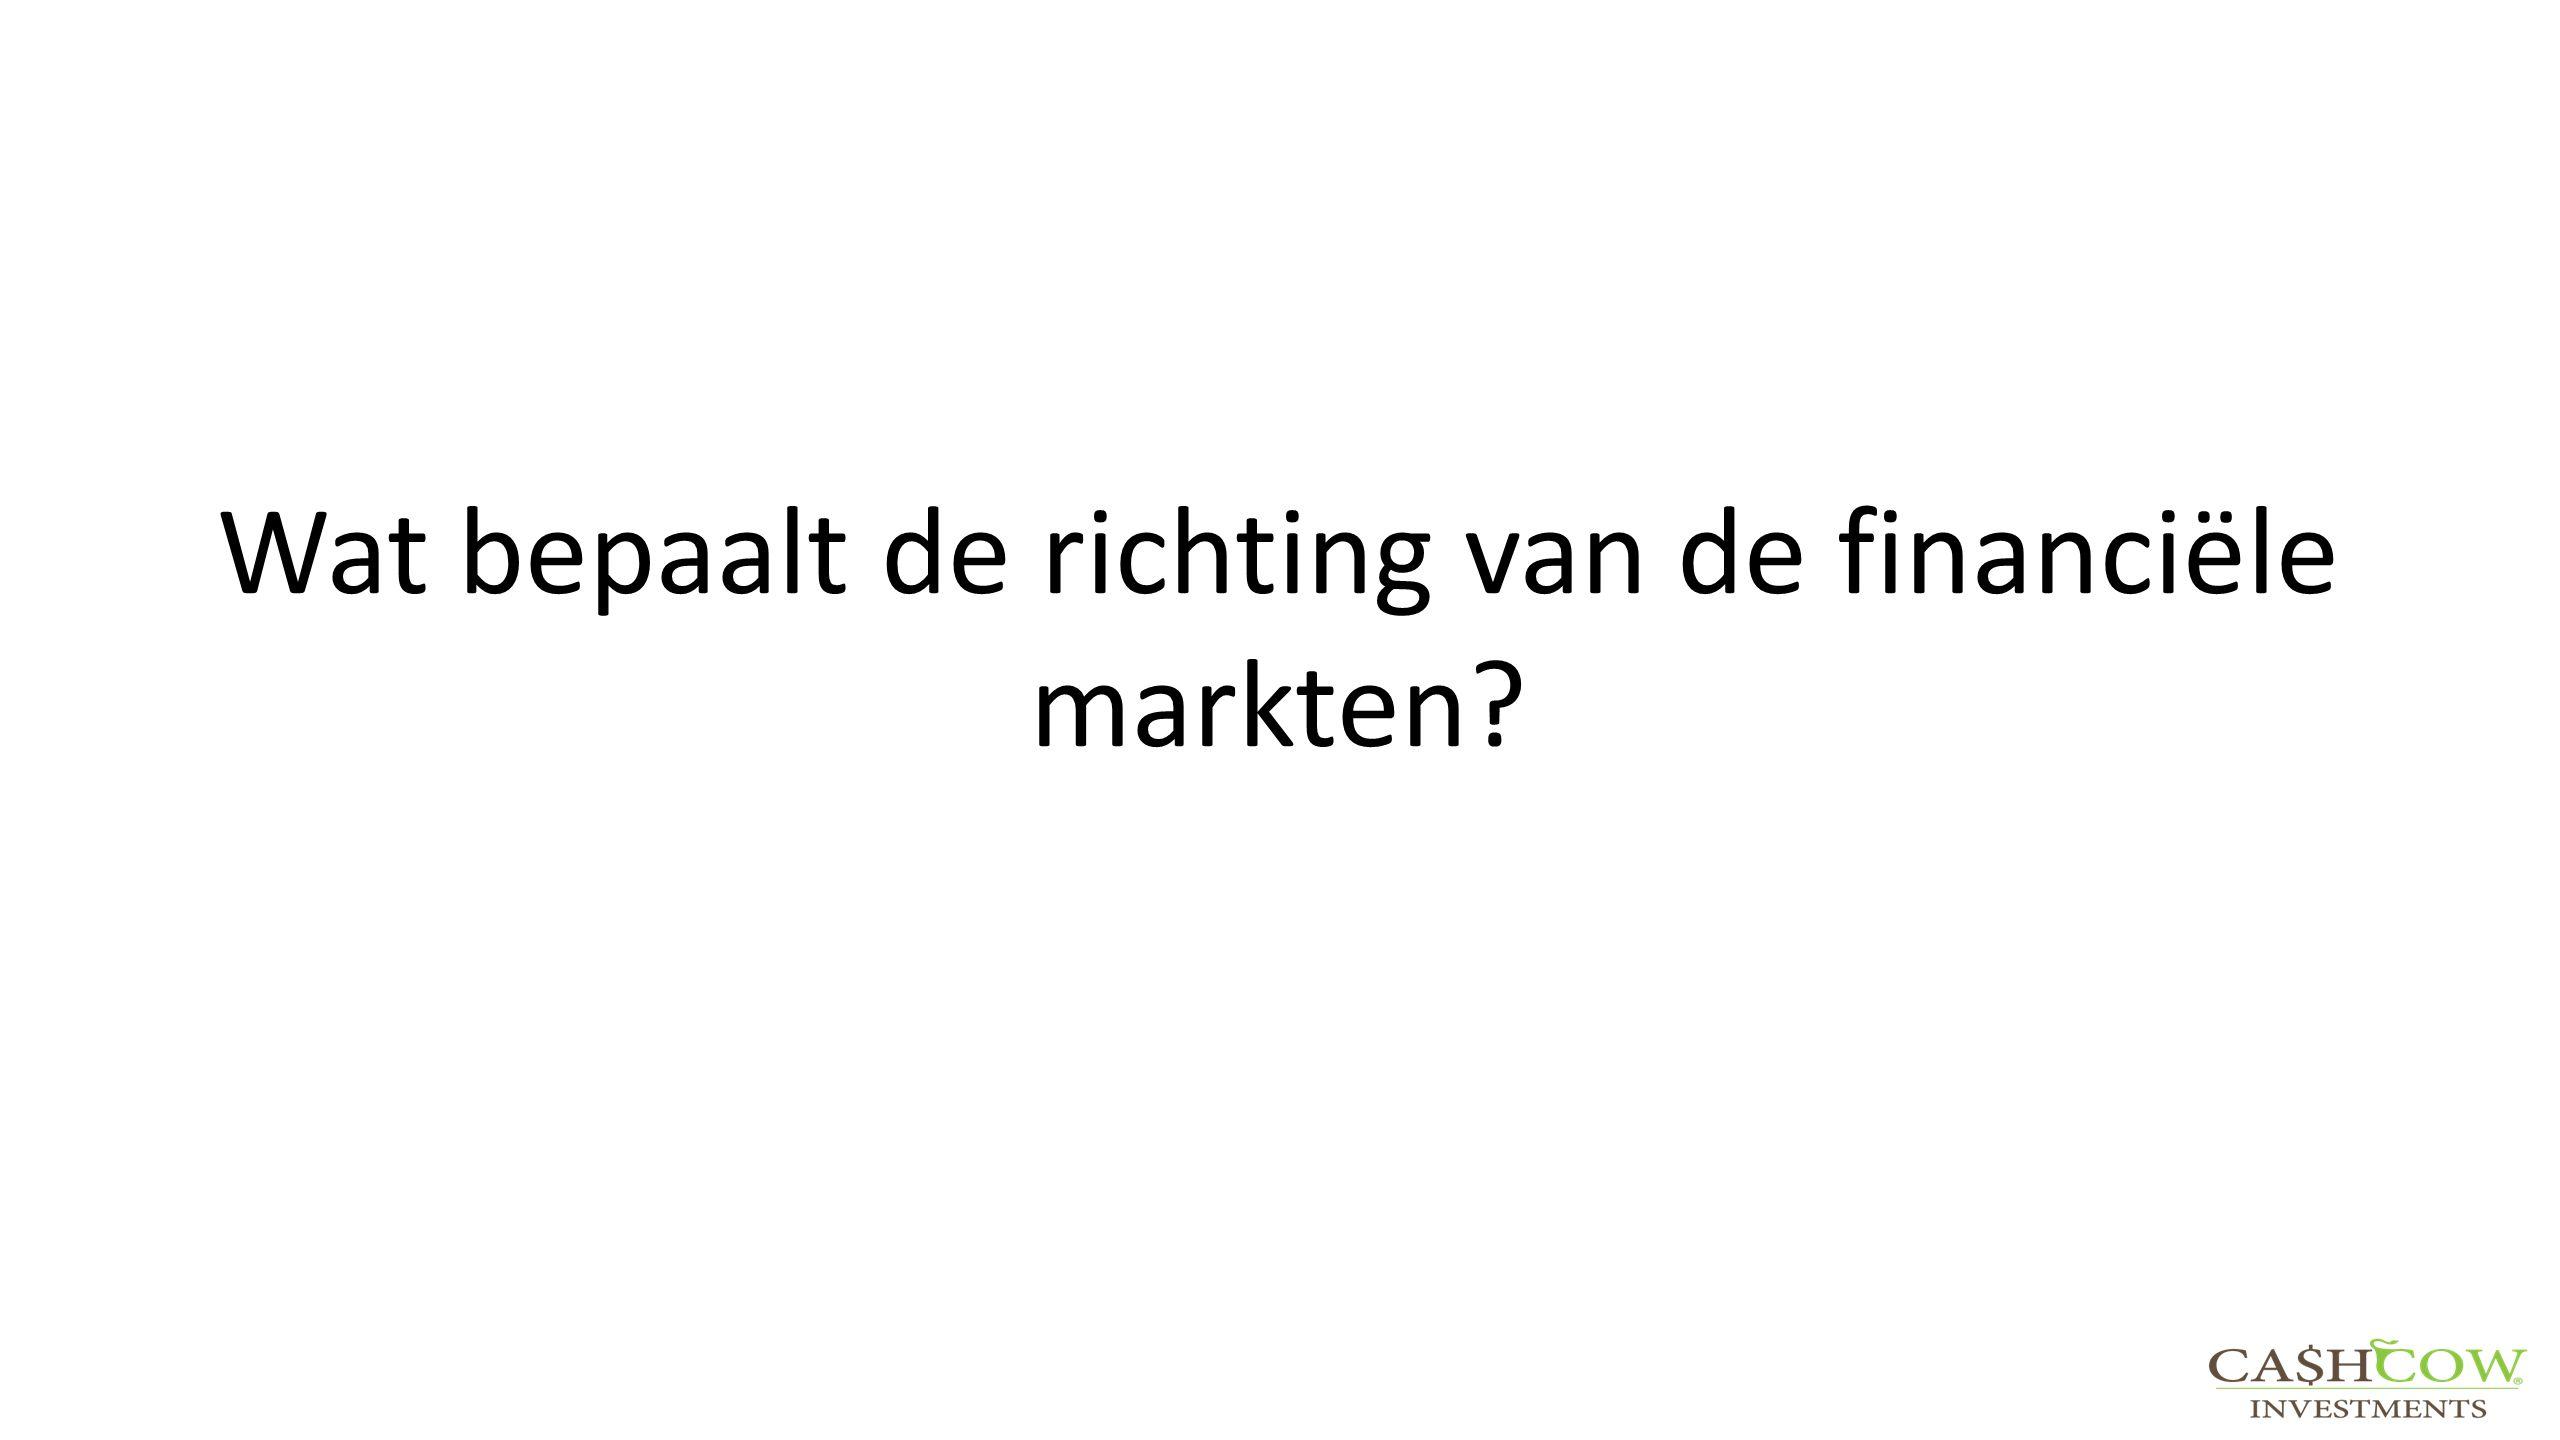 Wat bepaalt de richting van de financiële markten?